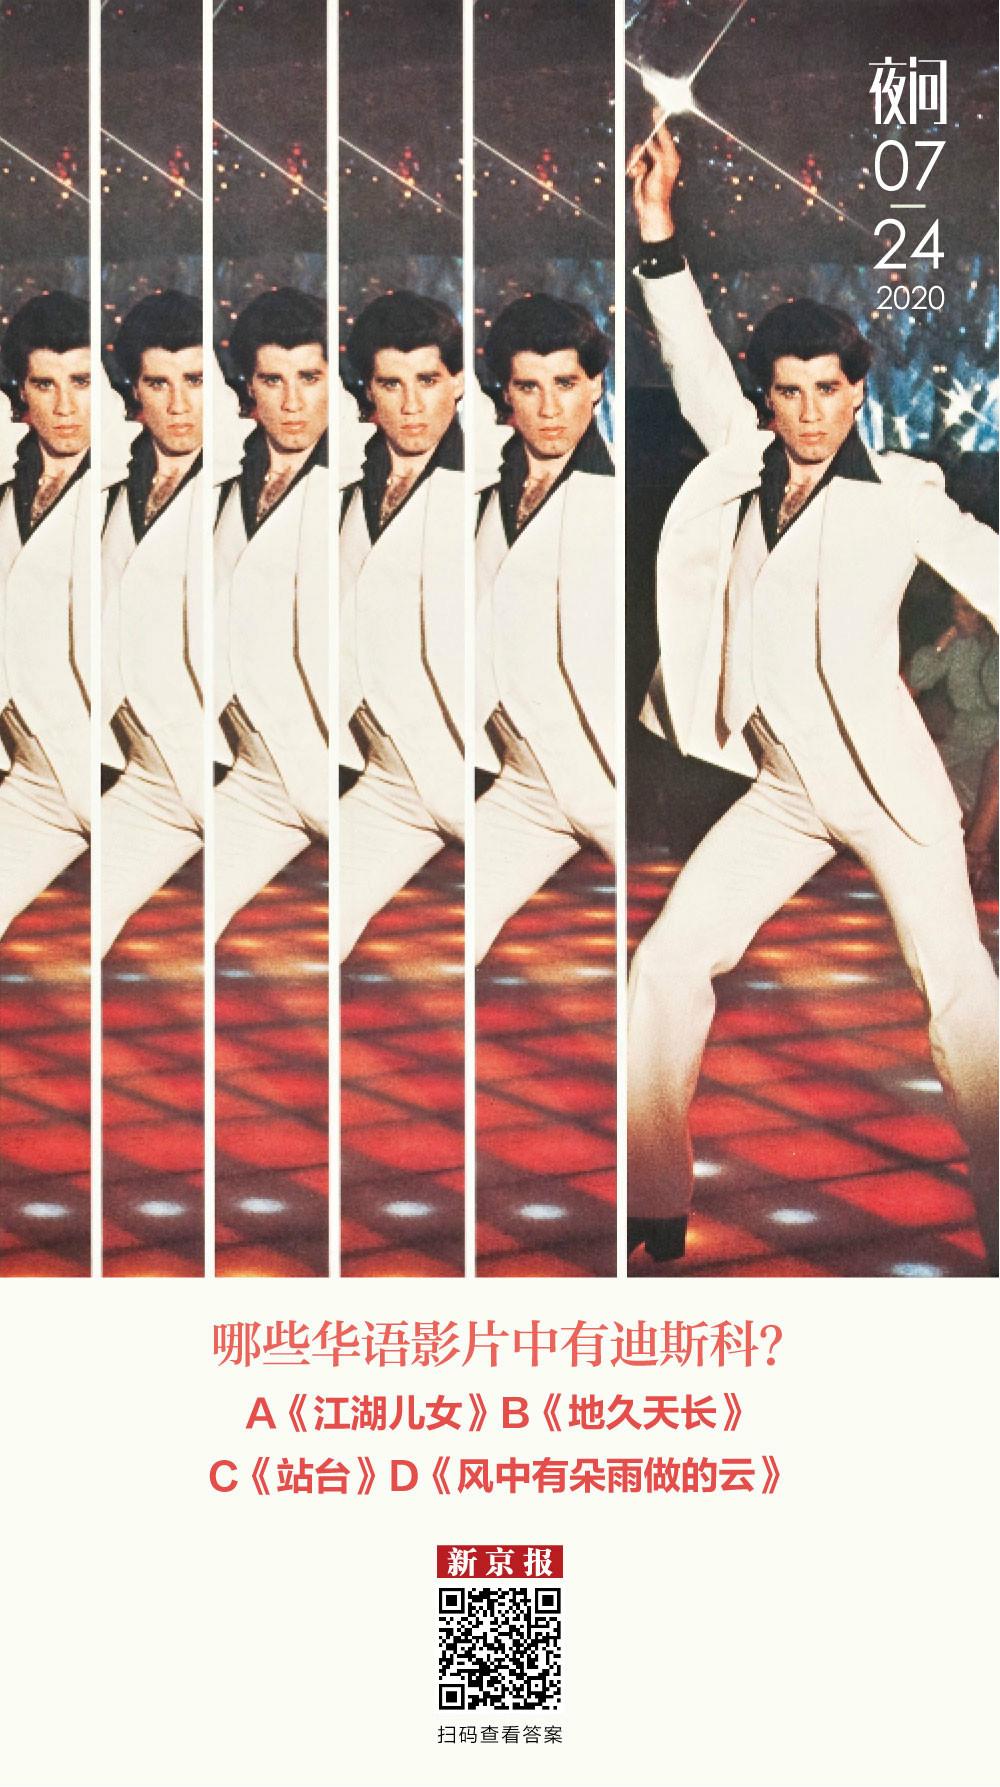 杏悦:迪斯科音乐又响起那是流行的回杏悦潮丨夜问图片